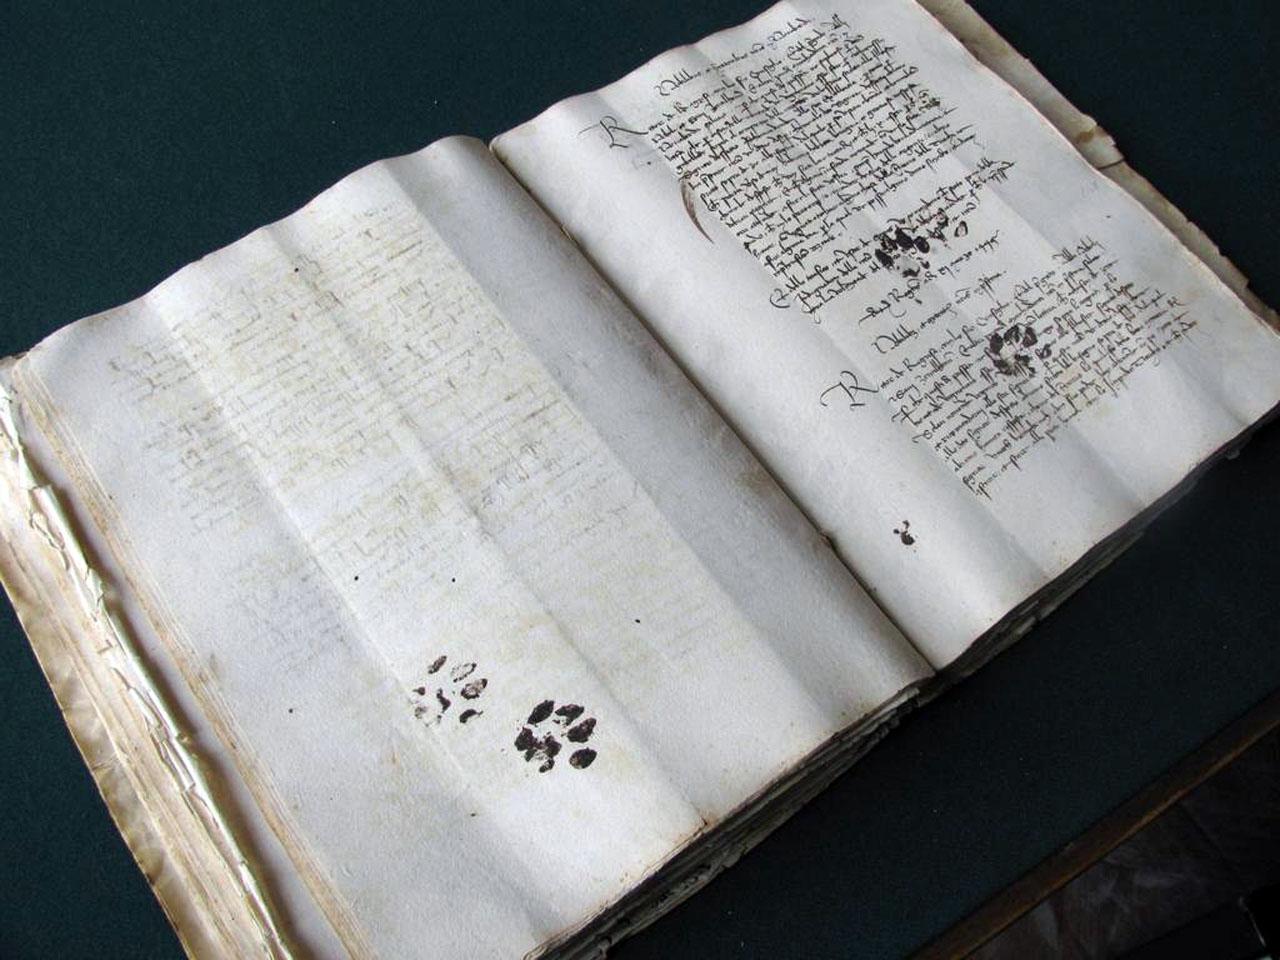 Что делал кот на книге по средневековой палеографии